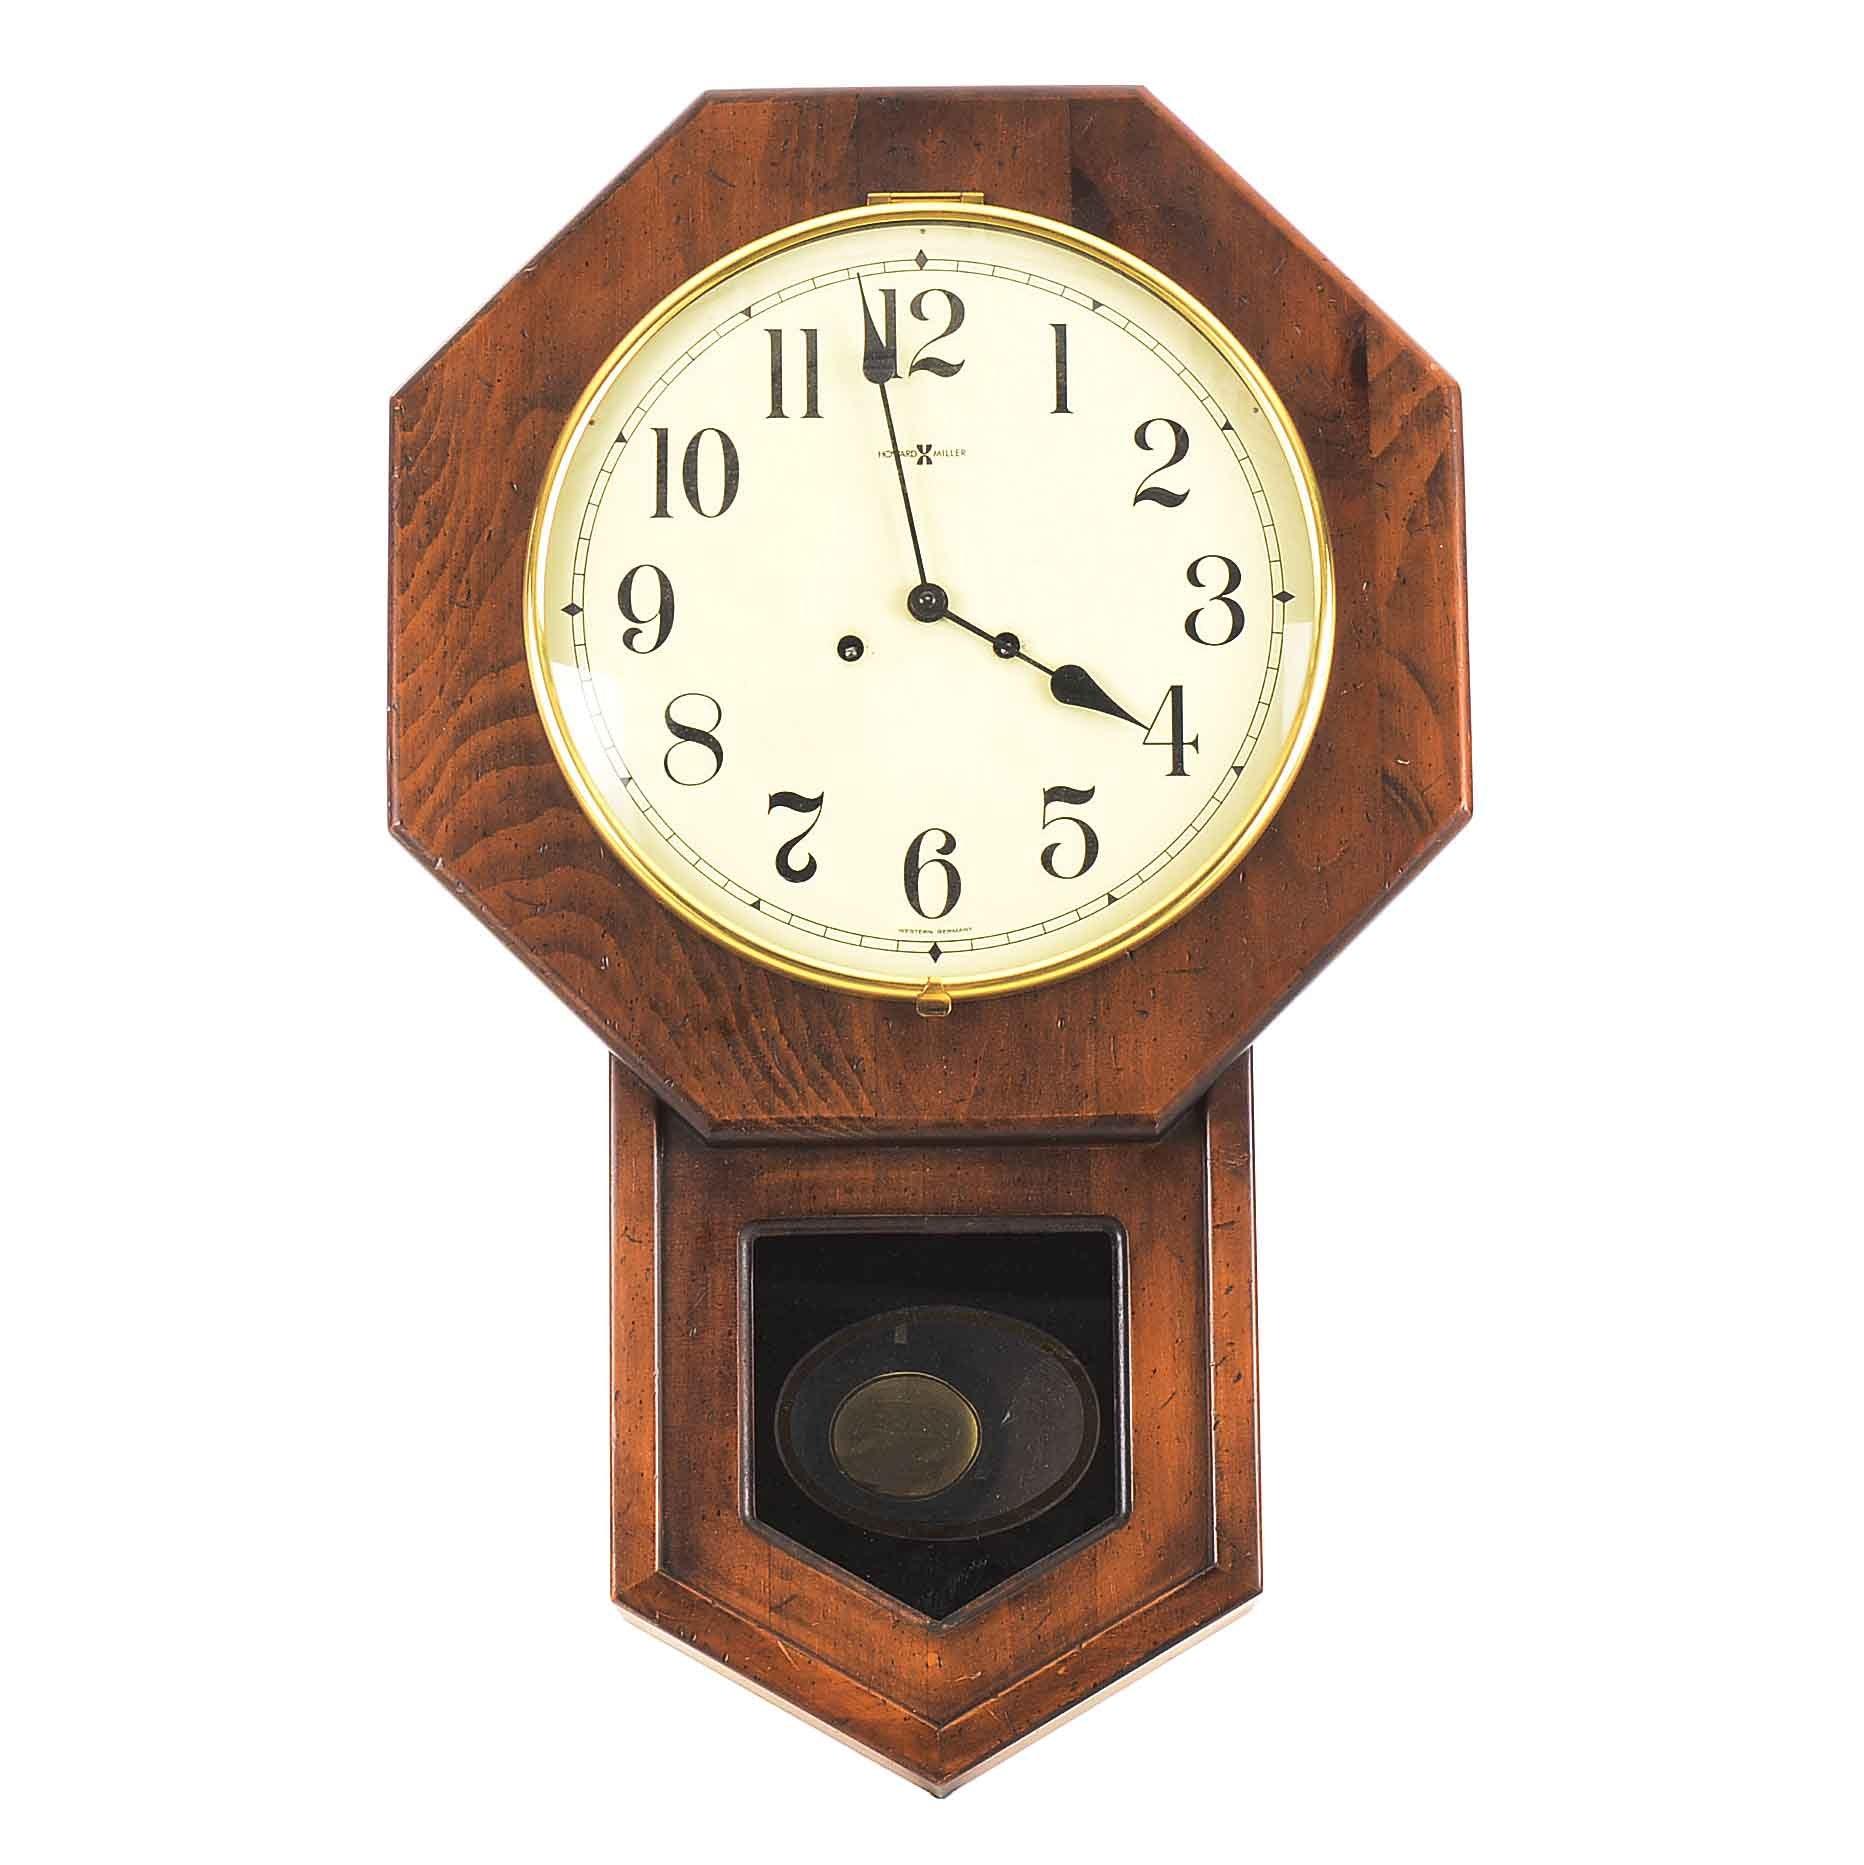 Vintage Howard Miller Regulator Wall Clock Ebth